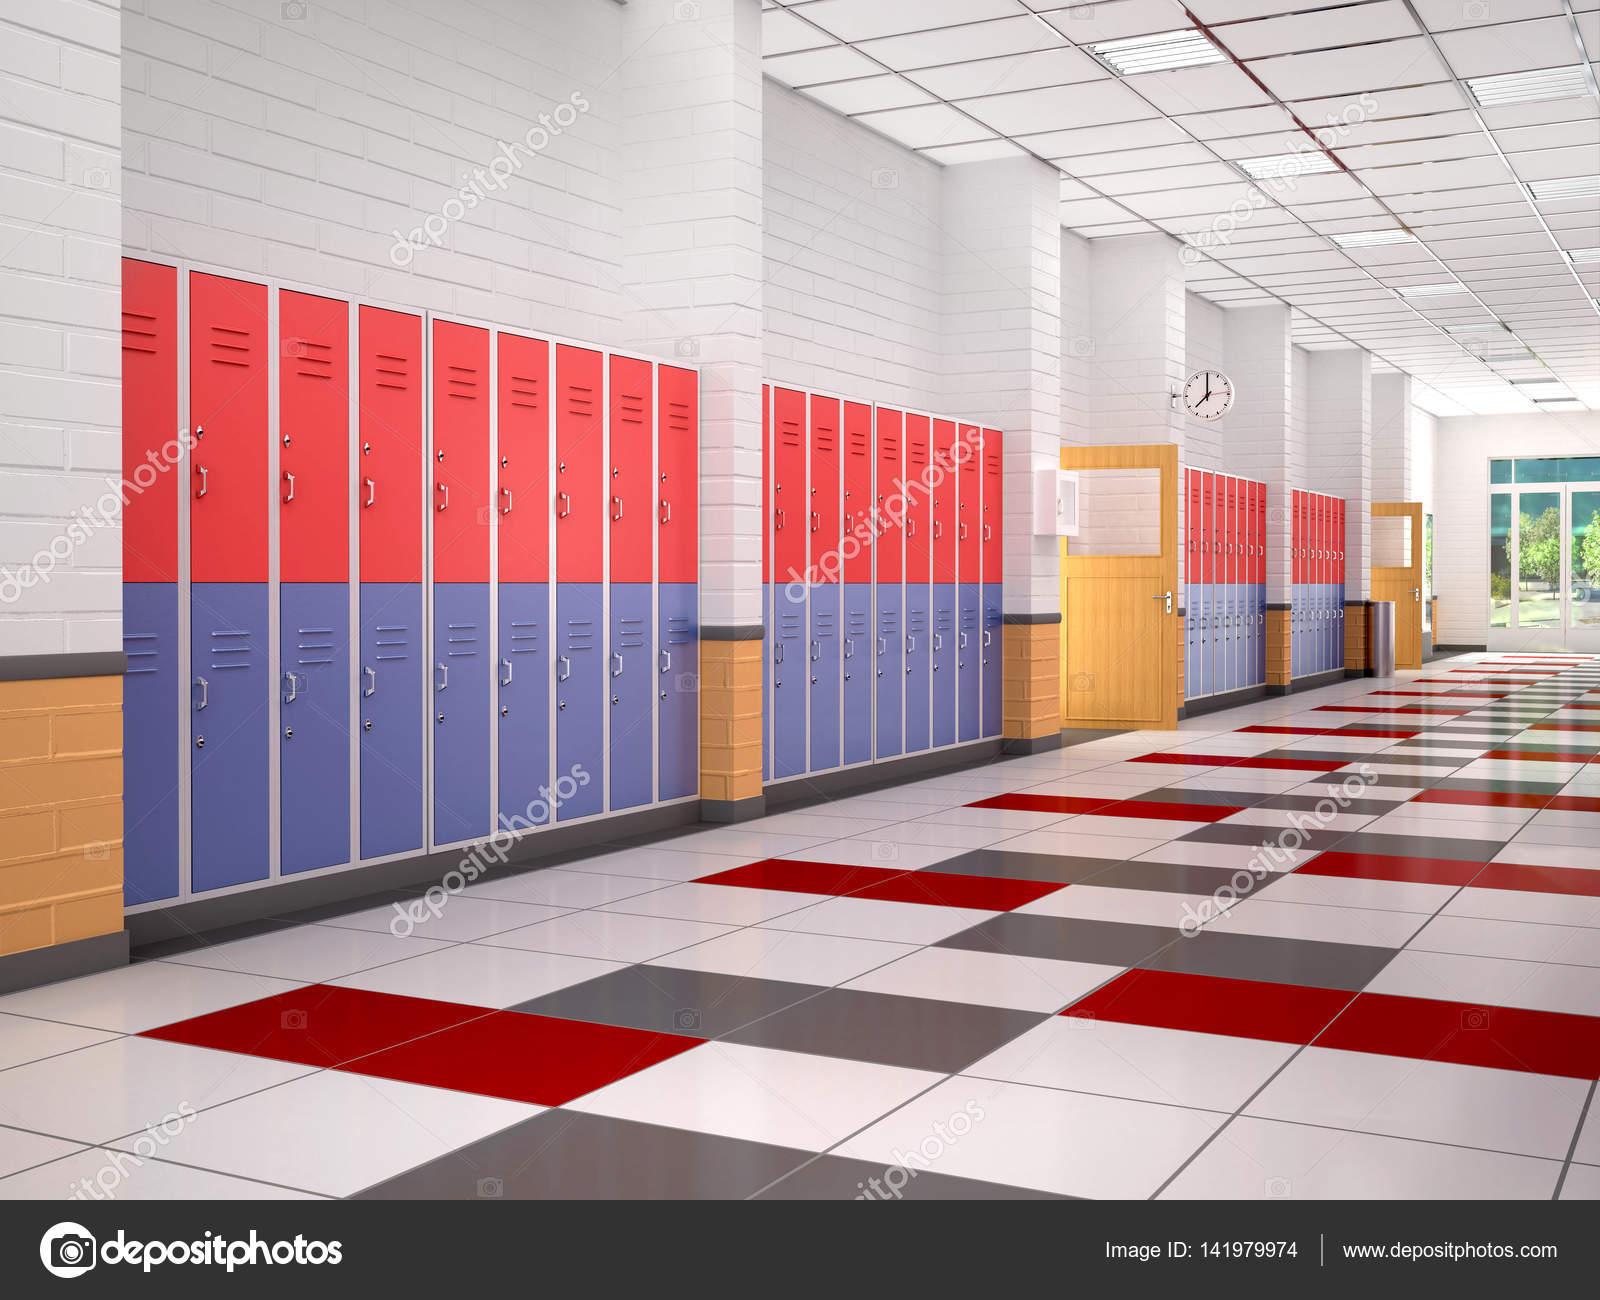 Lockers in de gang van de middelbare school 3d illustratie stockfoto urfingus 141979974 - Saint maclou tapijt van gang ...